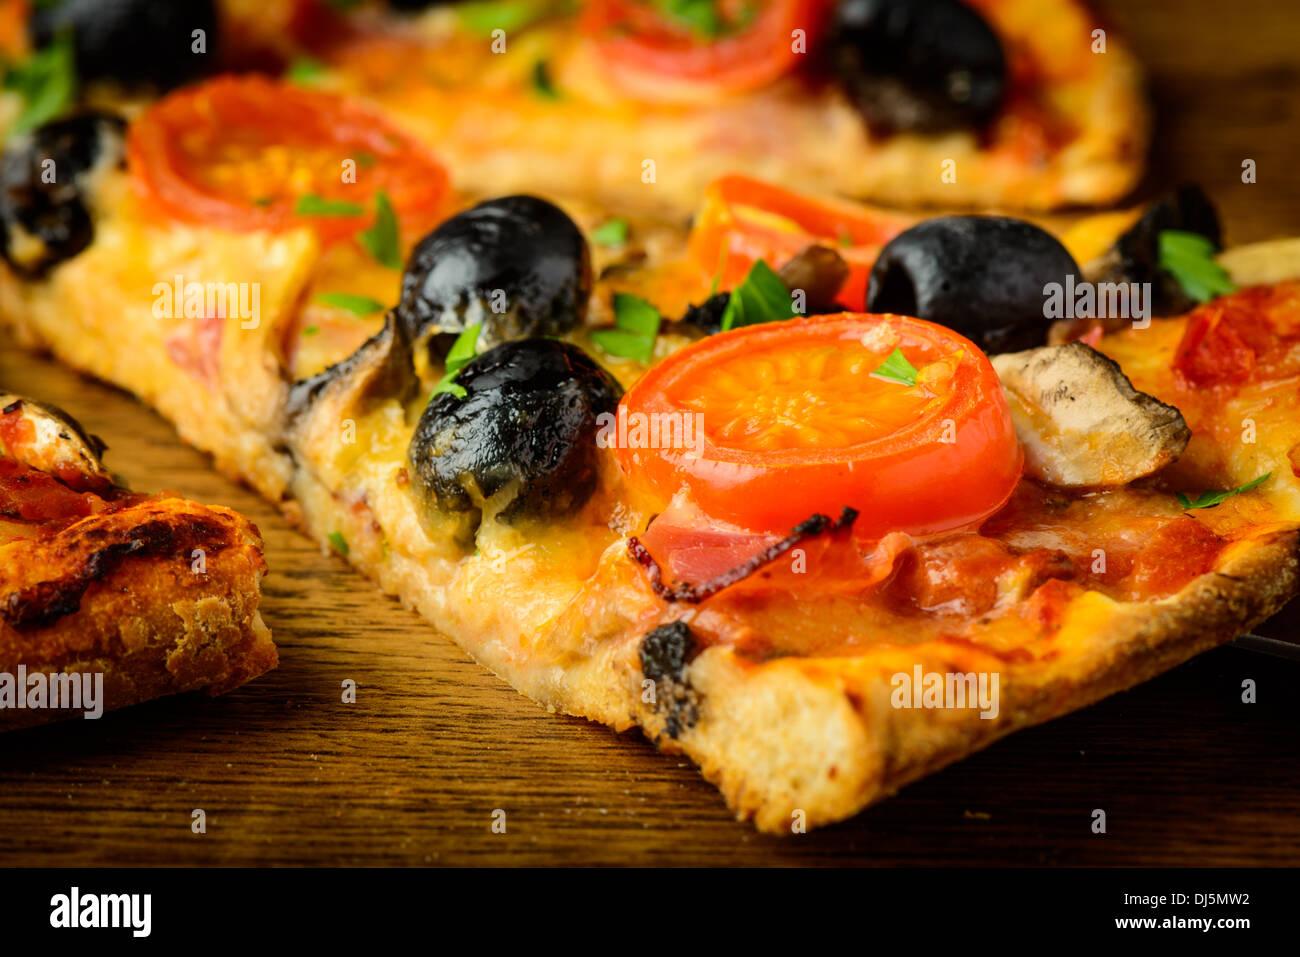 Nahaufnahme Detail des frisch gebackenen traditionelle italienische pizza Stockbild